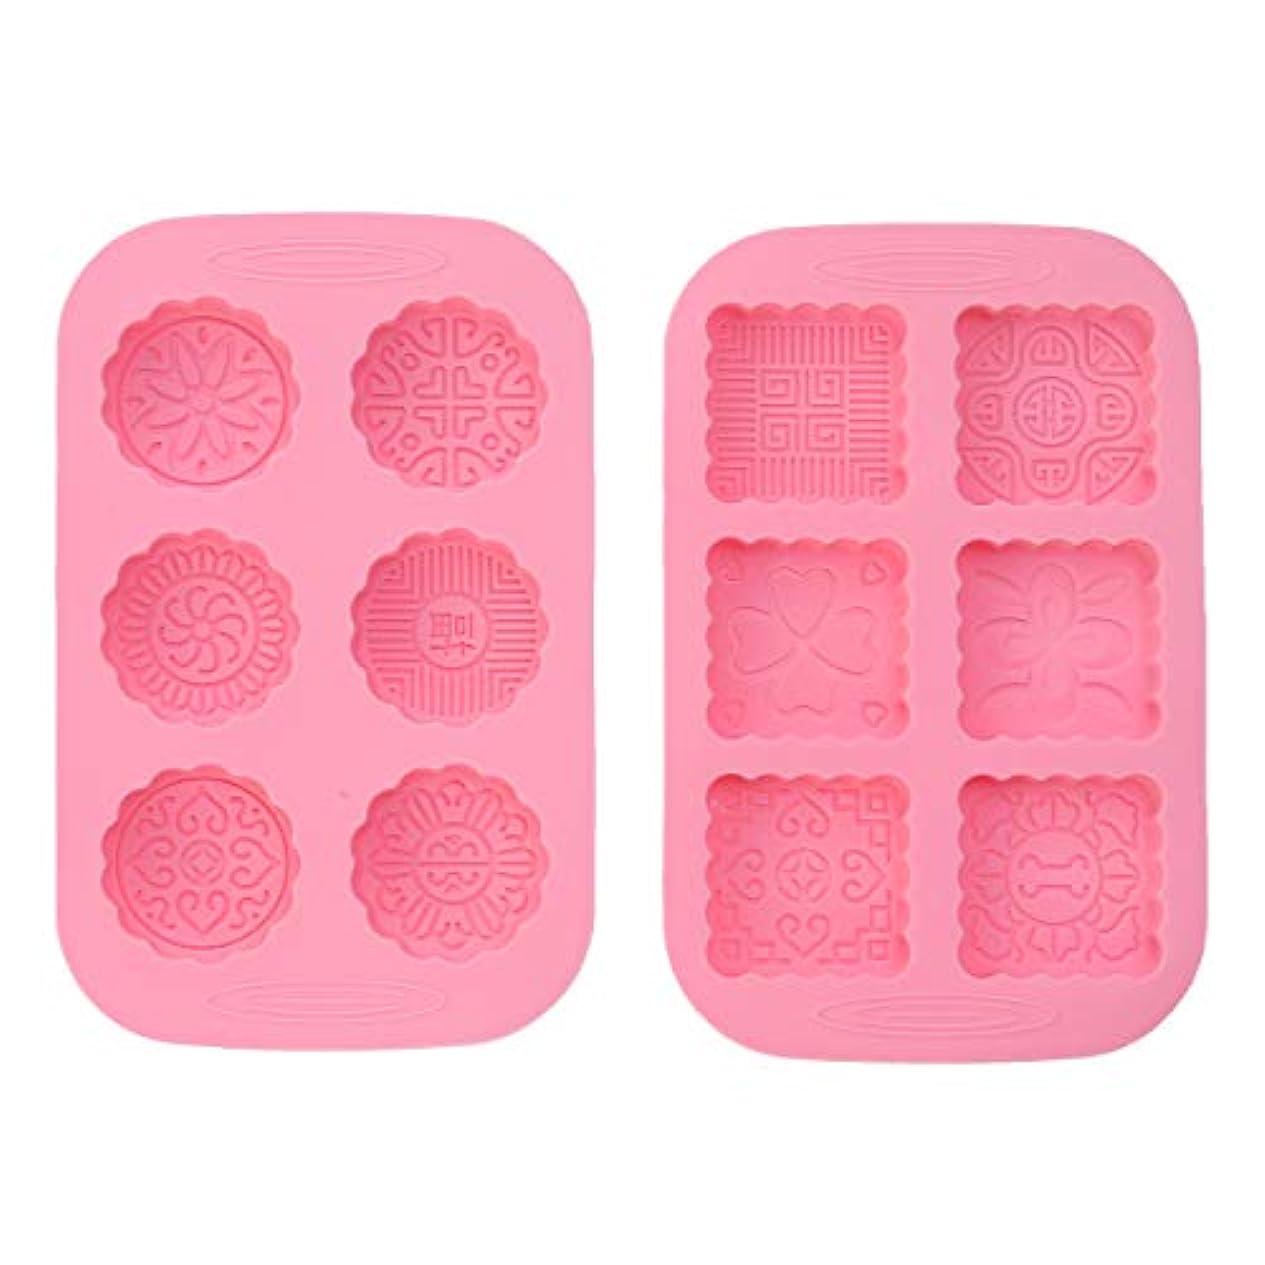 めんどりライター戸口SUPVOX 2本シリコンケーキマフィンムーンケーキ型花型金型DIYフォンダンショコラキャンディ金型アイスゼリーソープキューブトレイ(ピンク)